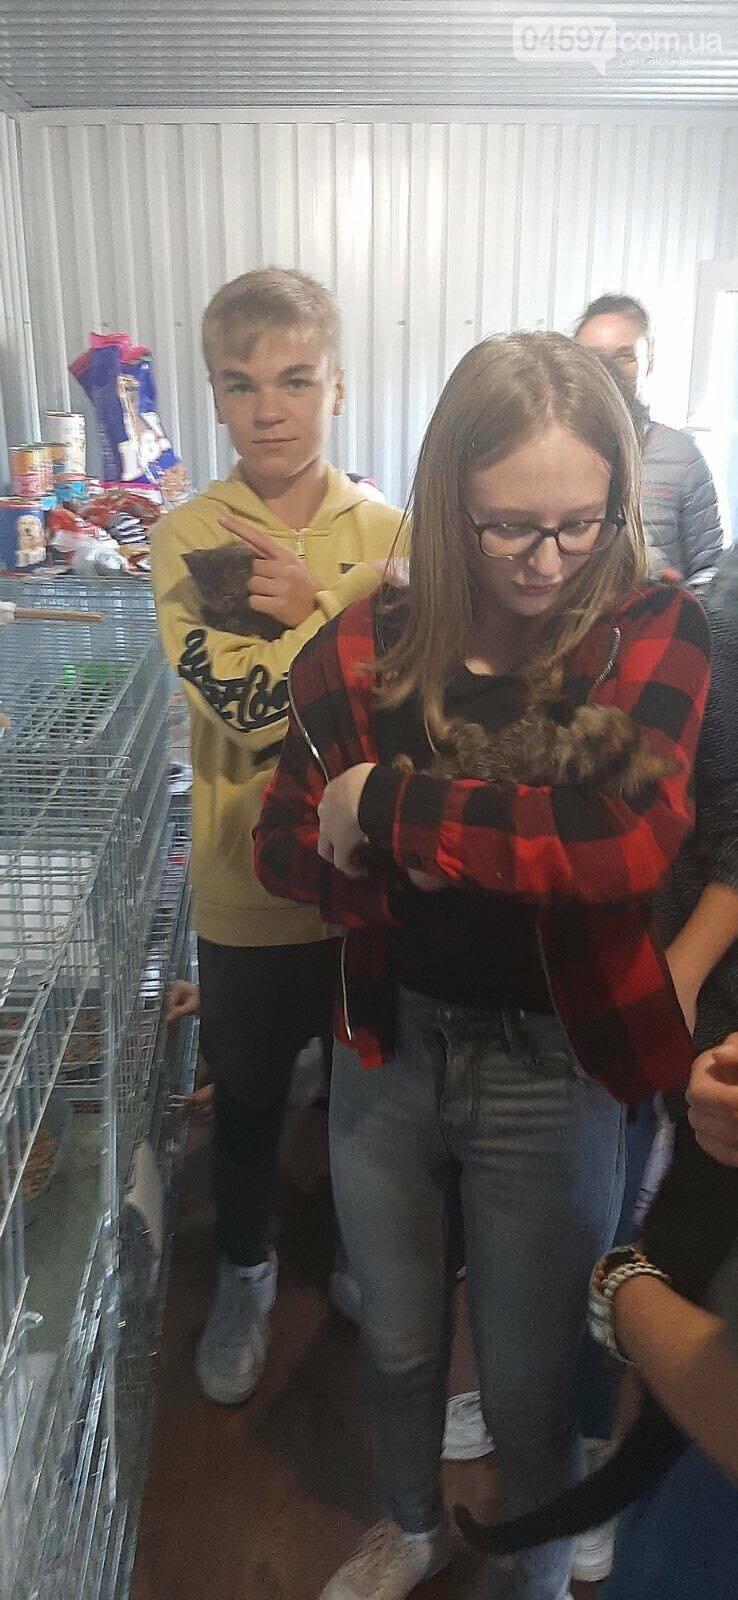 """Діти плакали біля кліток з тваринами: в Ірпені провели """"Урок доброти"""", фото-5"""